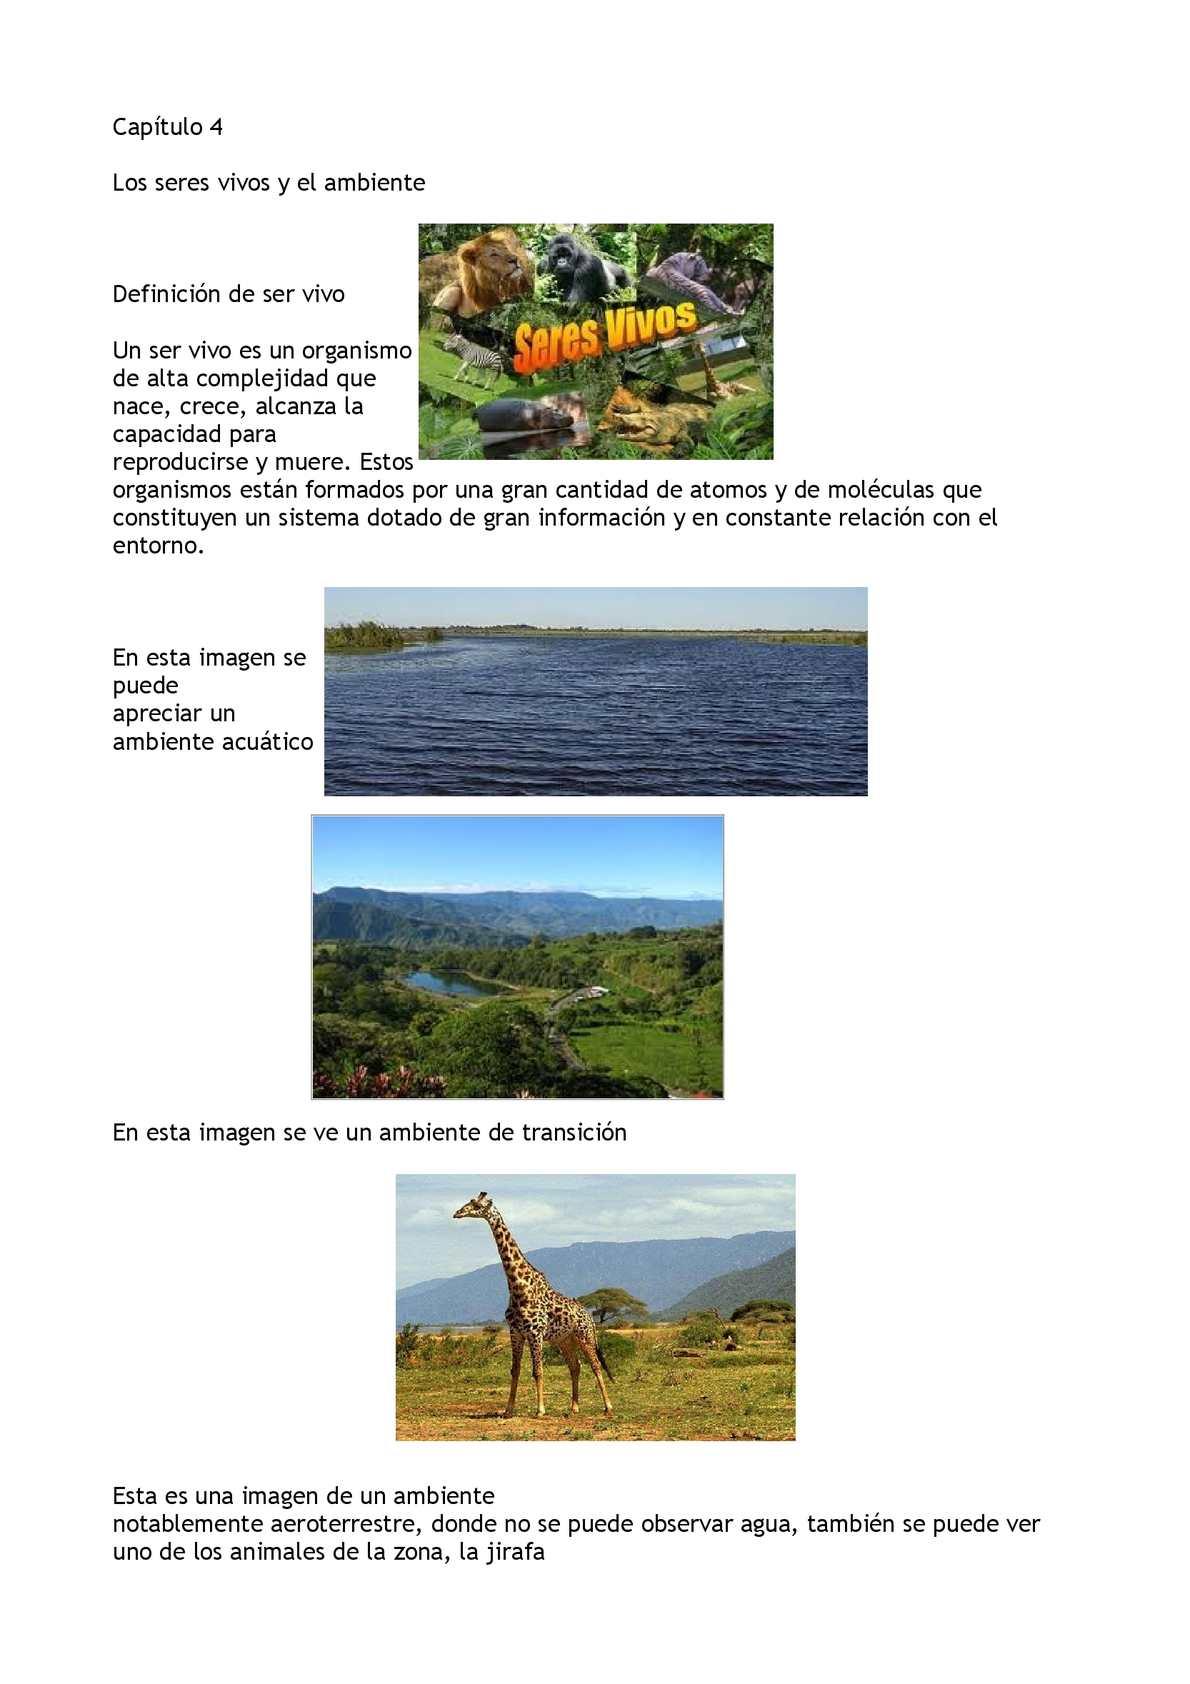 Calam o cap tulo 4 los seres vivos y el ambiente for Ambientes de argentina